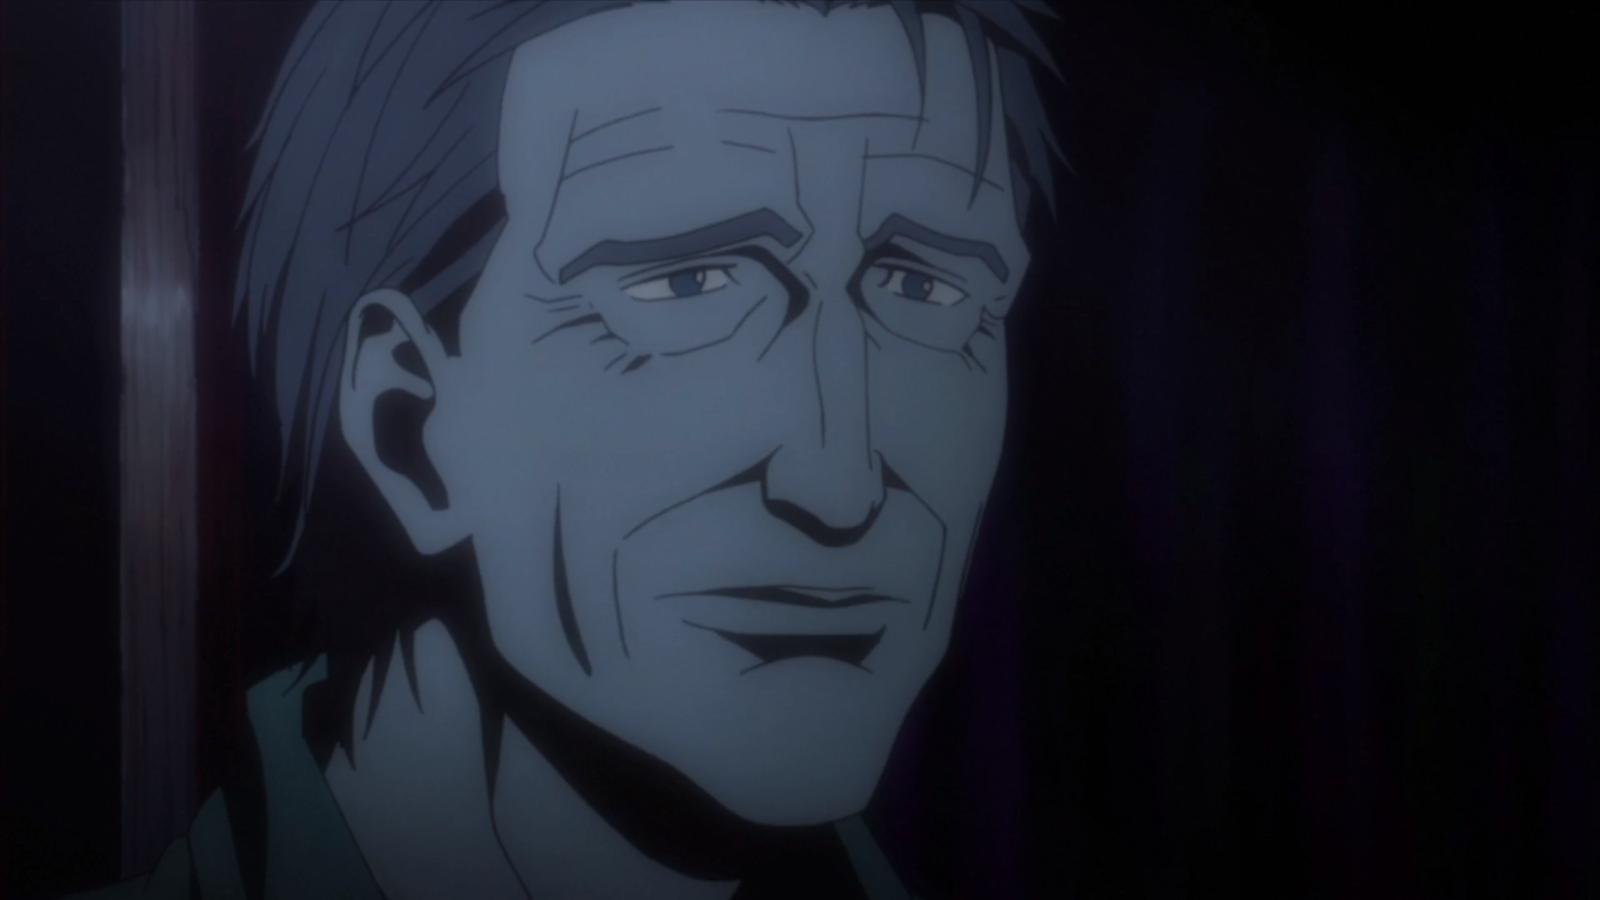 Edgar Baker (Anime Series)